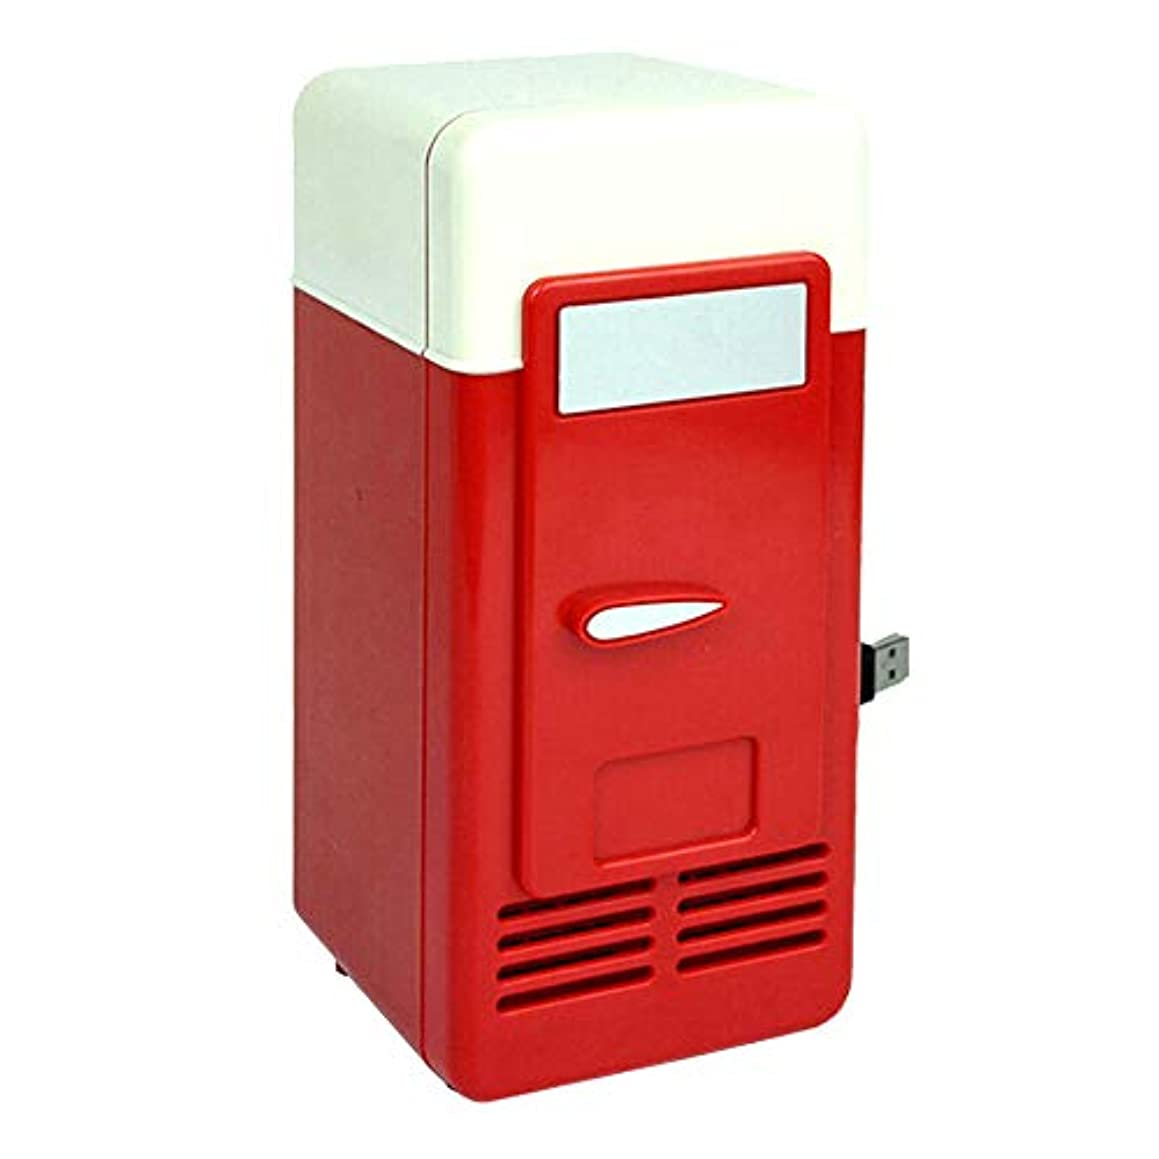 ひもブラスト温かいRETYLY USBミニ冷蔵庫コールドドロップドッピング冷凍庫USBミニ冷蔵庫小型ポータブルソーダミニ冷蔵庫 カー用レッド